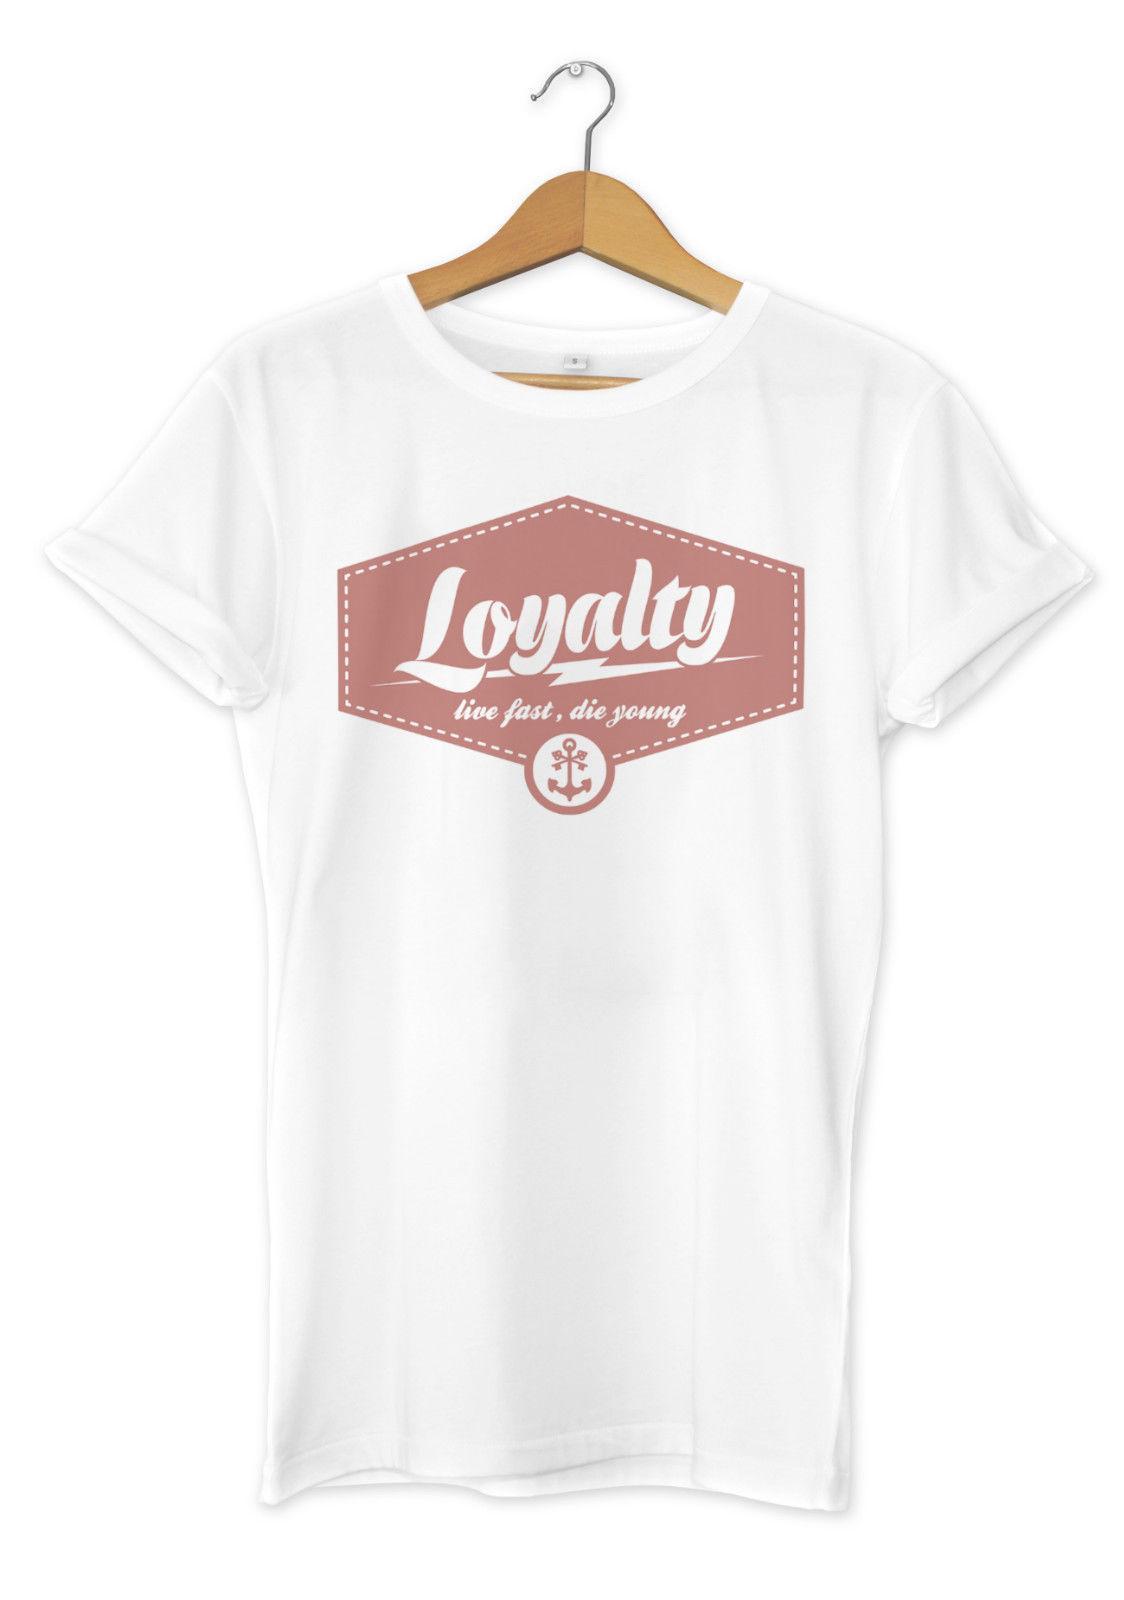 ecaf96fb910 Loyalty Printed T Shirt